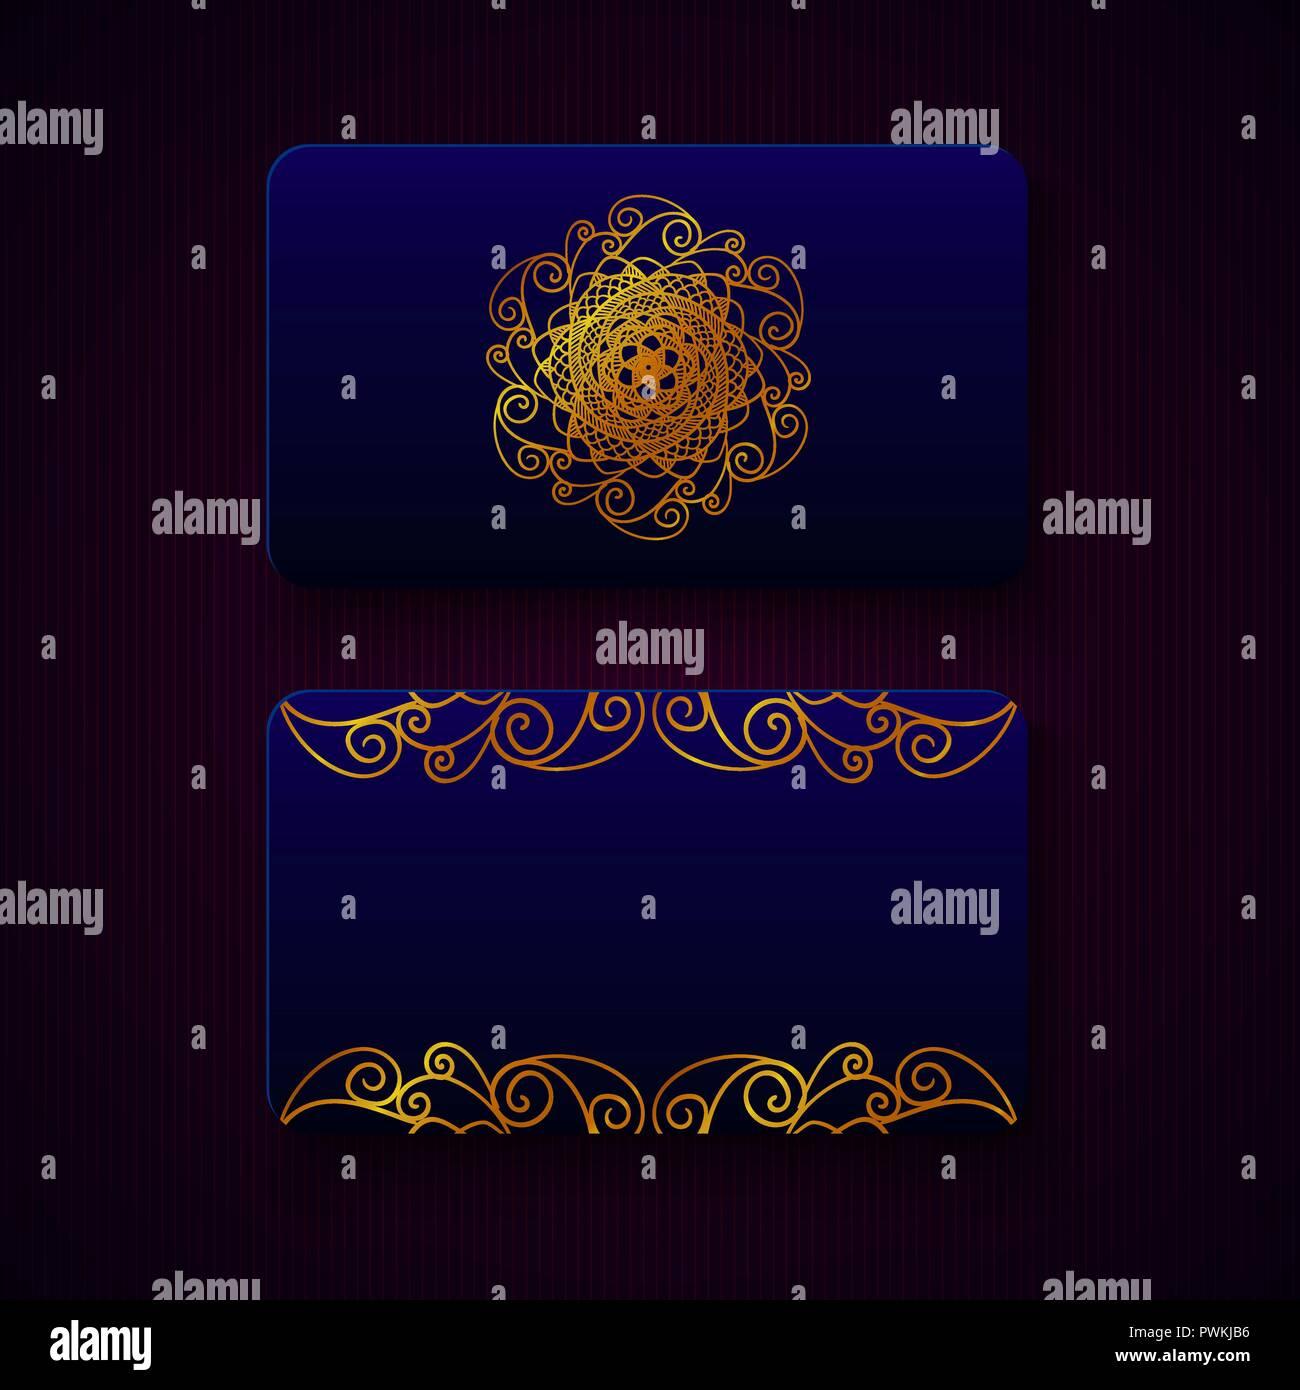 Cartes De Visite Luxe Dans Des Modeles Couleur Bleu Nuit Avec Decorations Dorees Sur Fond Sombre Cadeau VIP